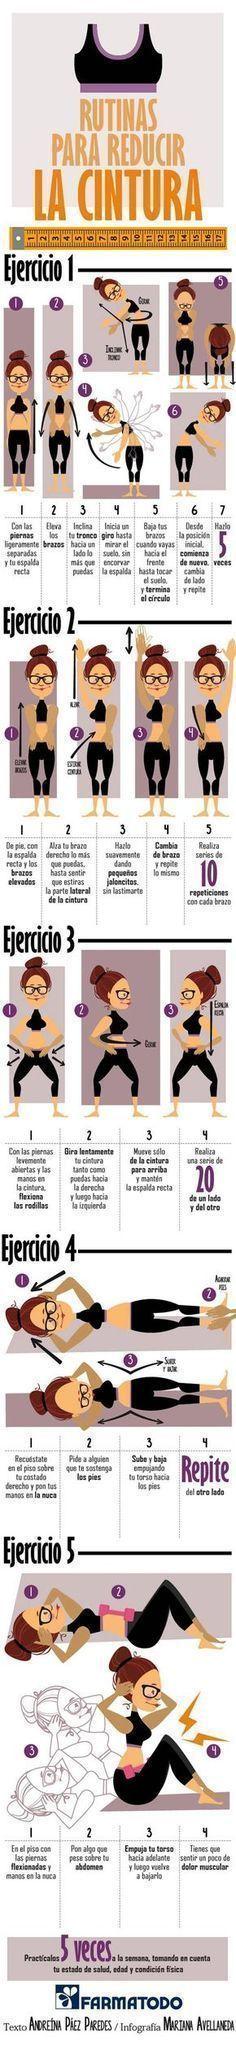 Rutina completa de ejercicios abdominales para reducir la cintura. #infografias #deporte #abdominales #pilatesparabrazos #ejerciciosparacintura #ejerciciosabdominales